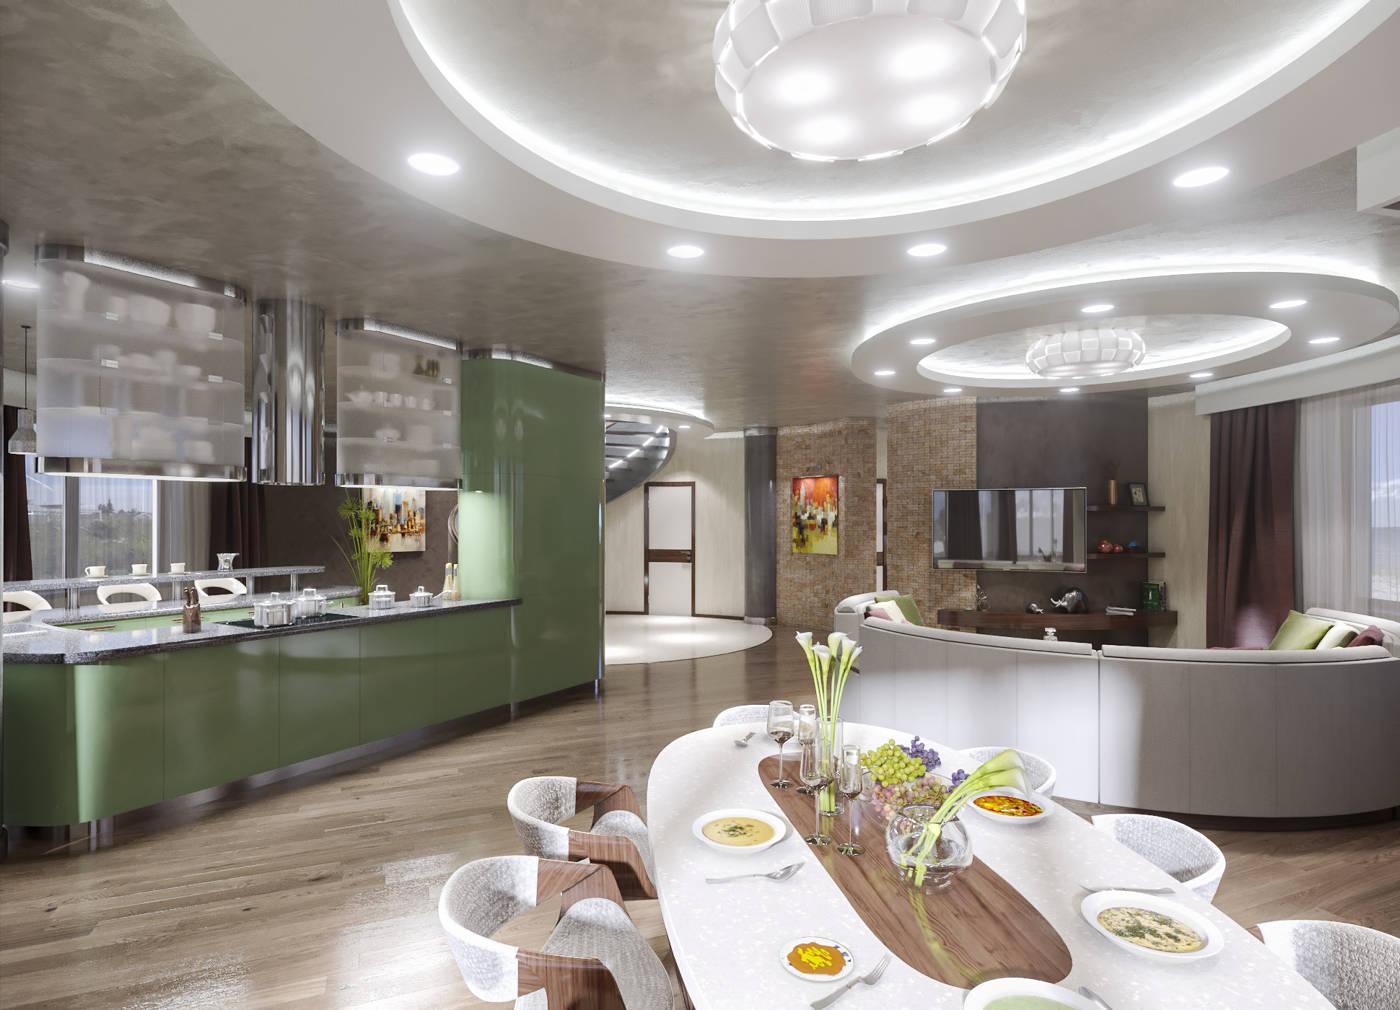 Дизайн нтерьера гостинной и кухни Киев, Дом. Островная кухня